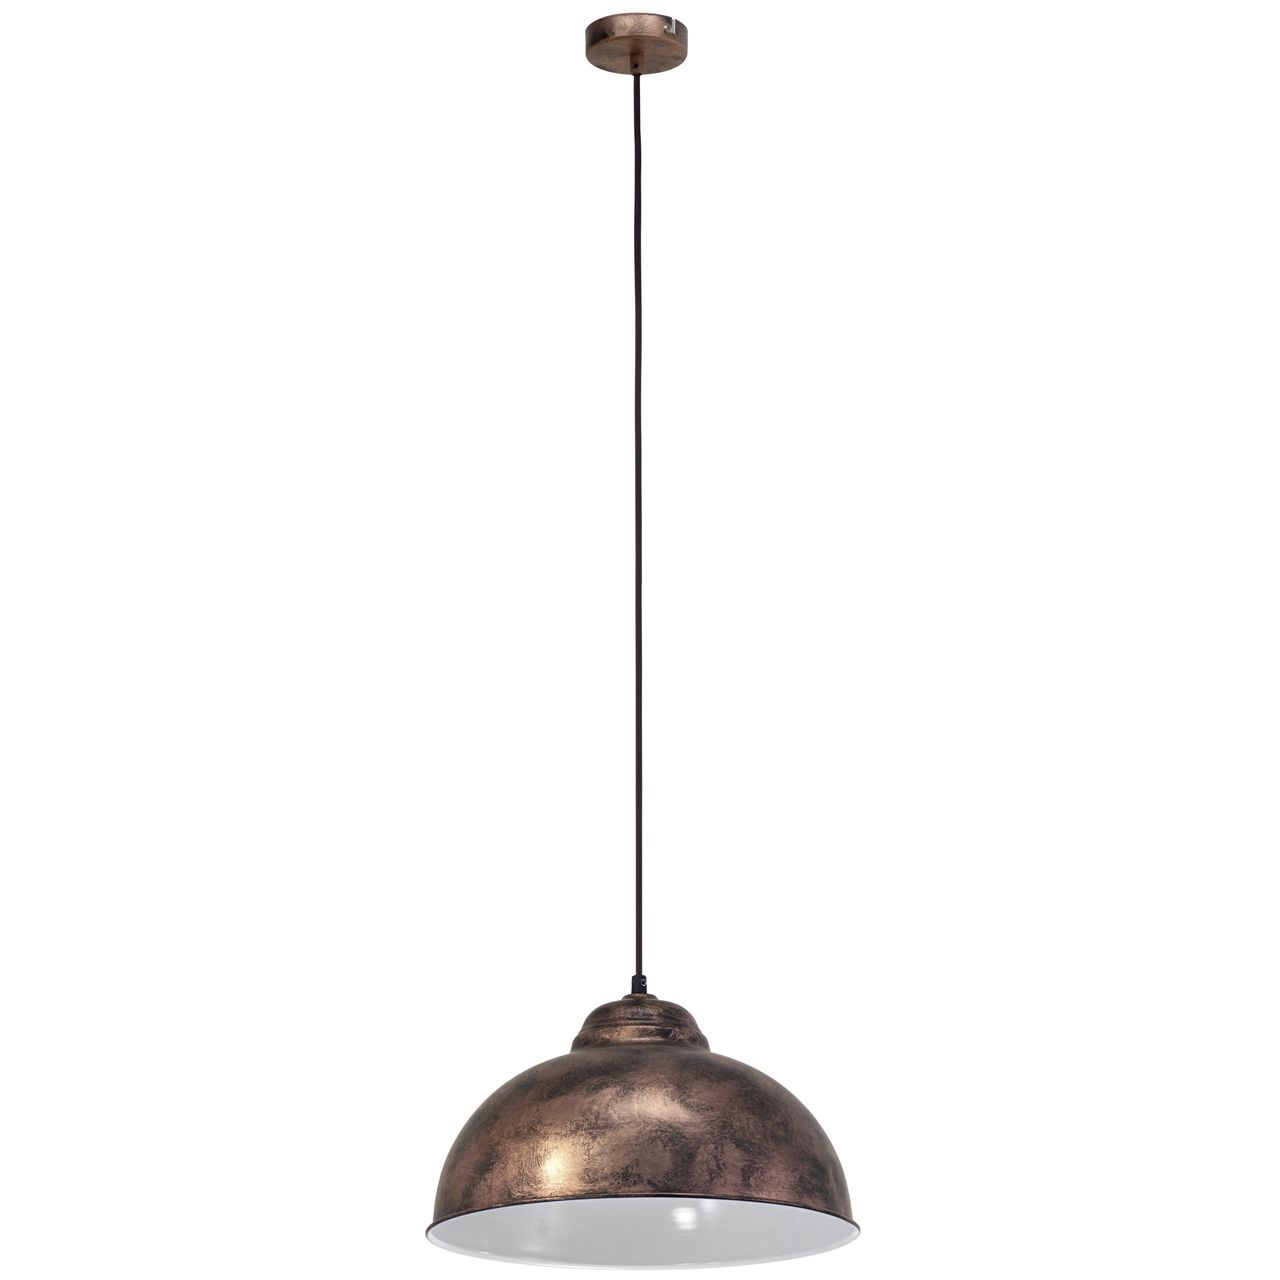 Подвесной светильник Eglo Vintage 49248 подвесной светильник eglo vintage 49205